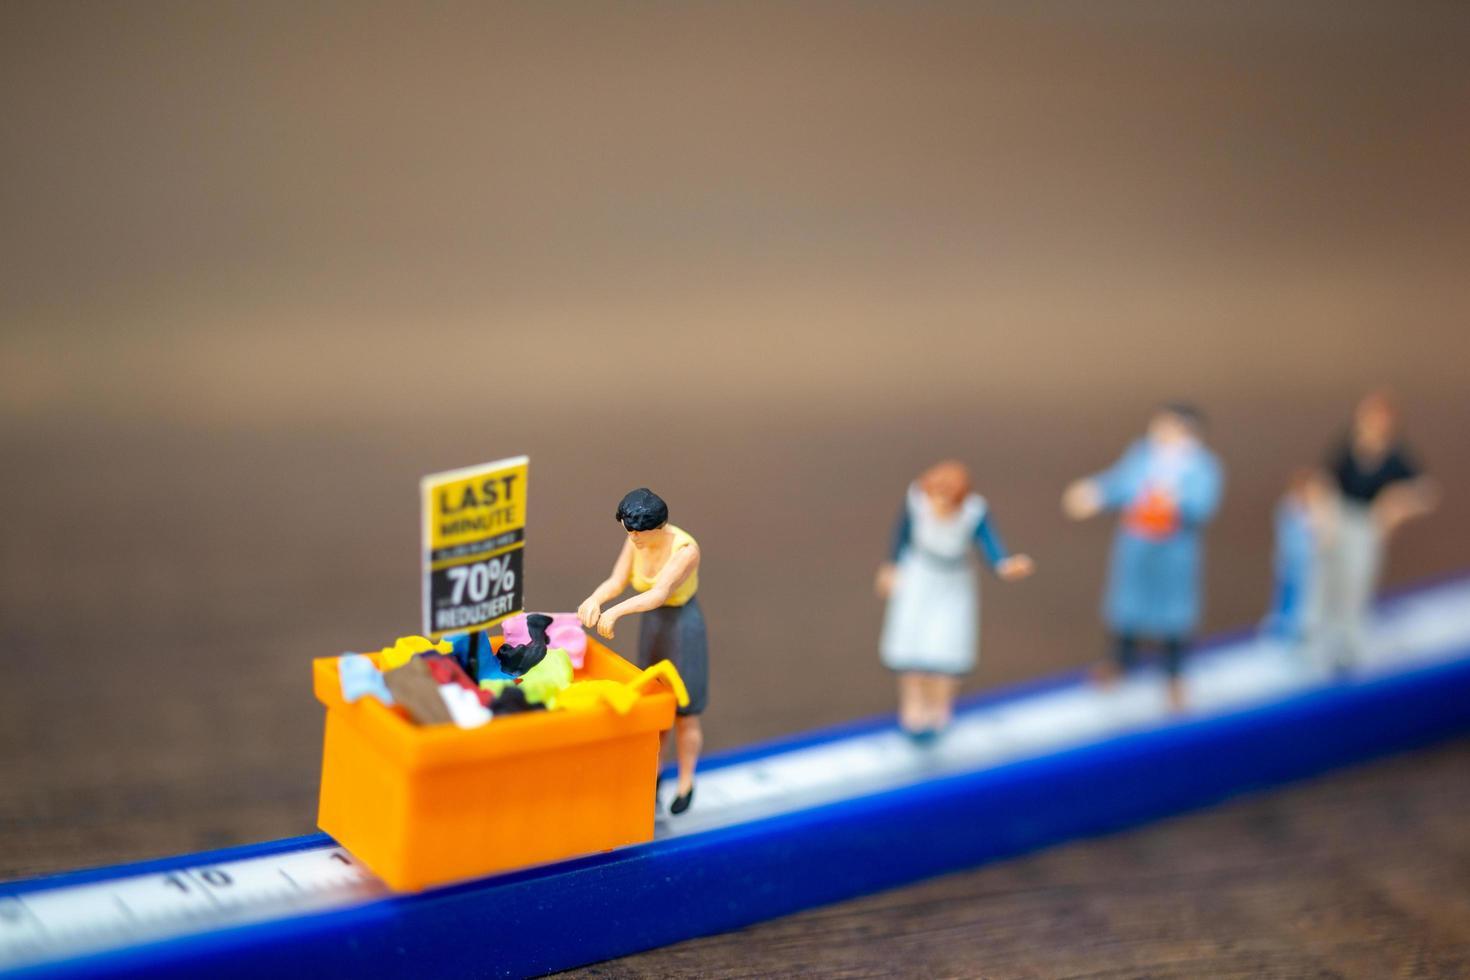 Gente en miniatura comprando en un contenedor de descuento foto